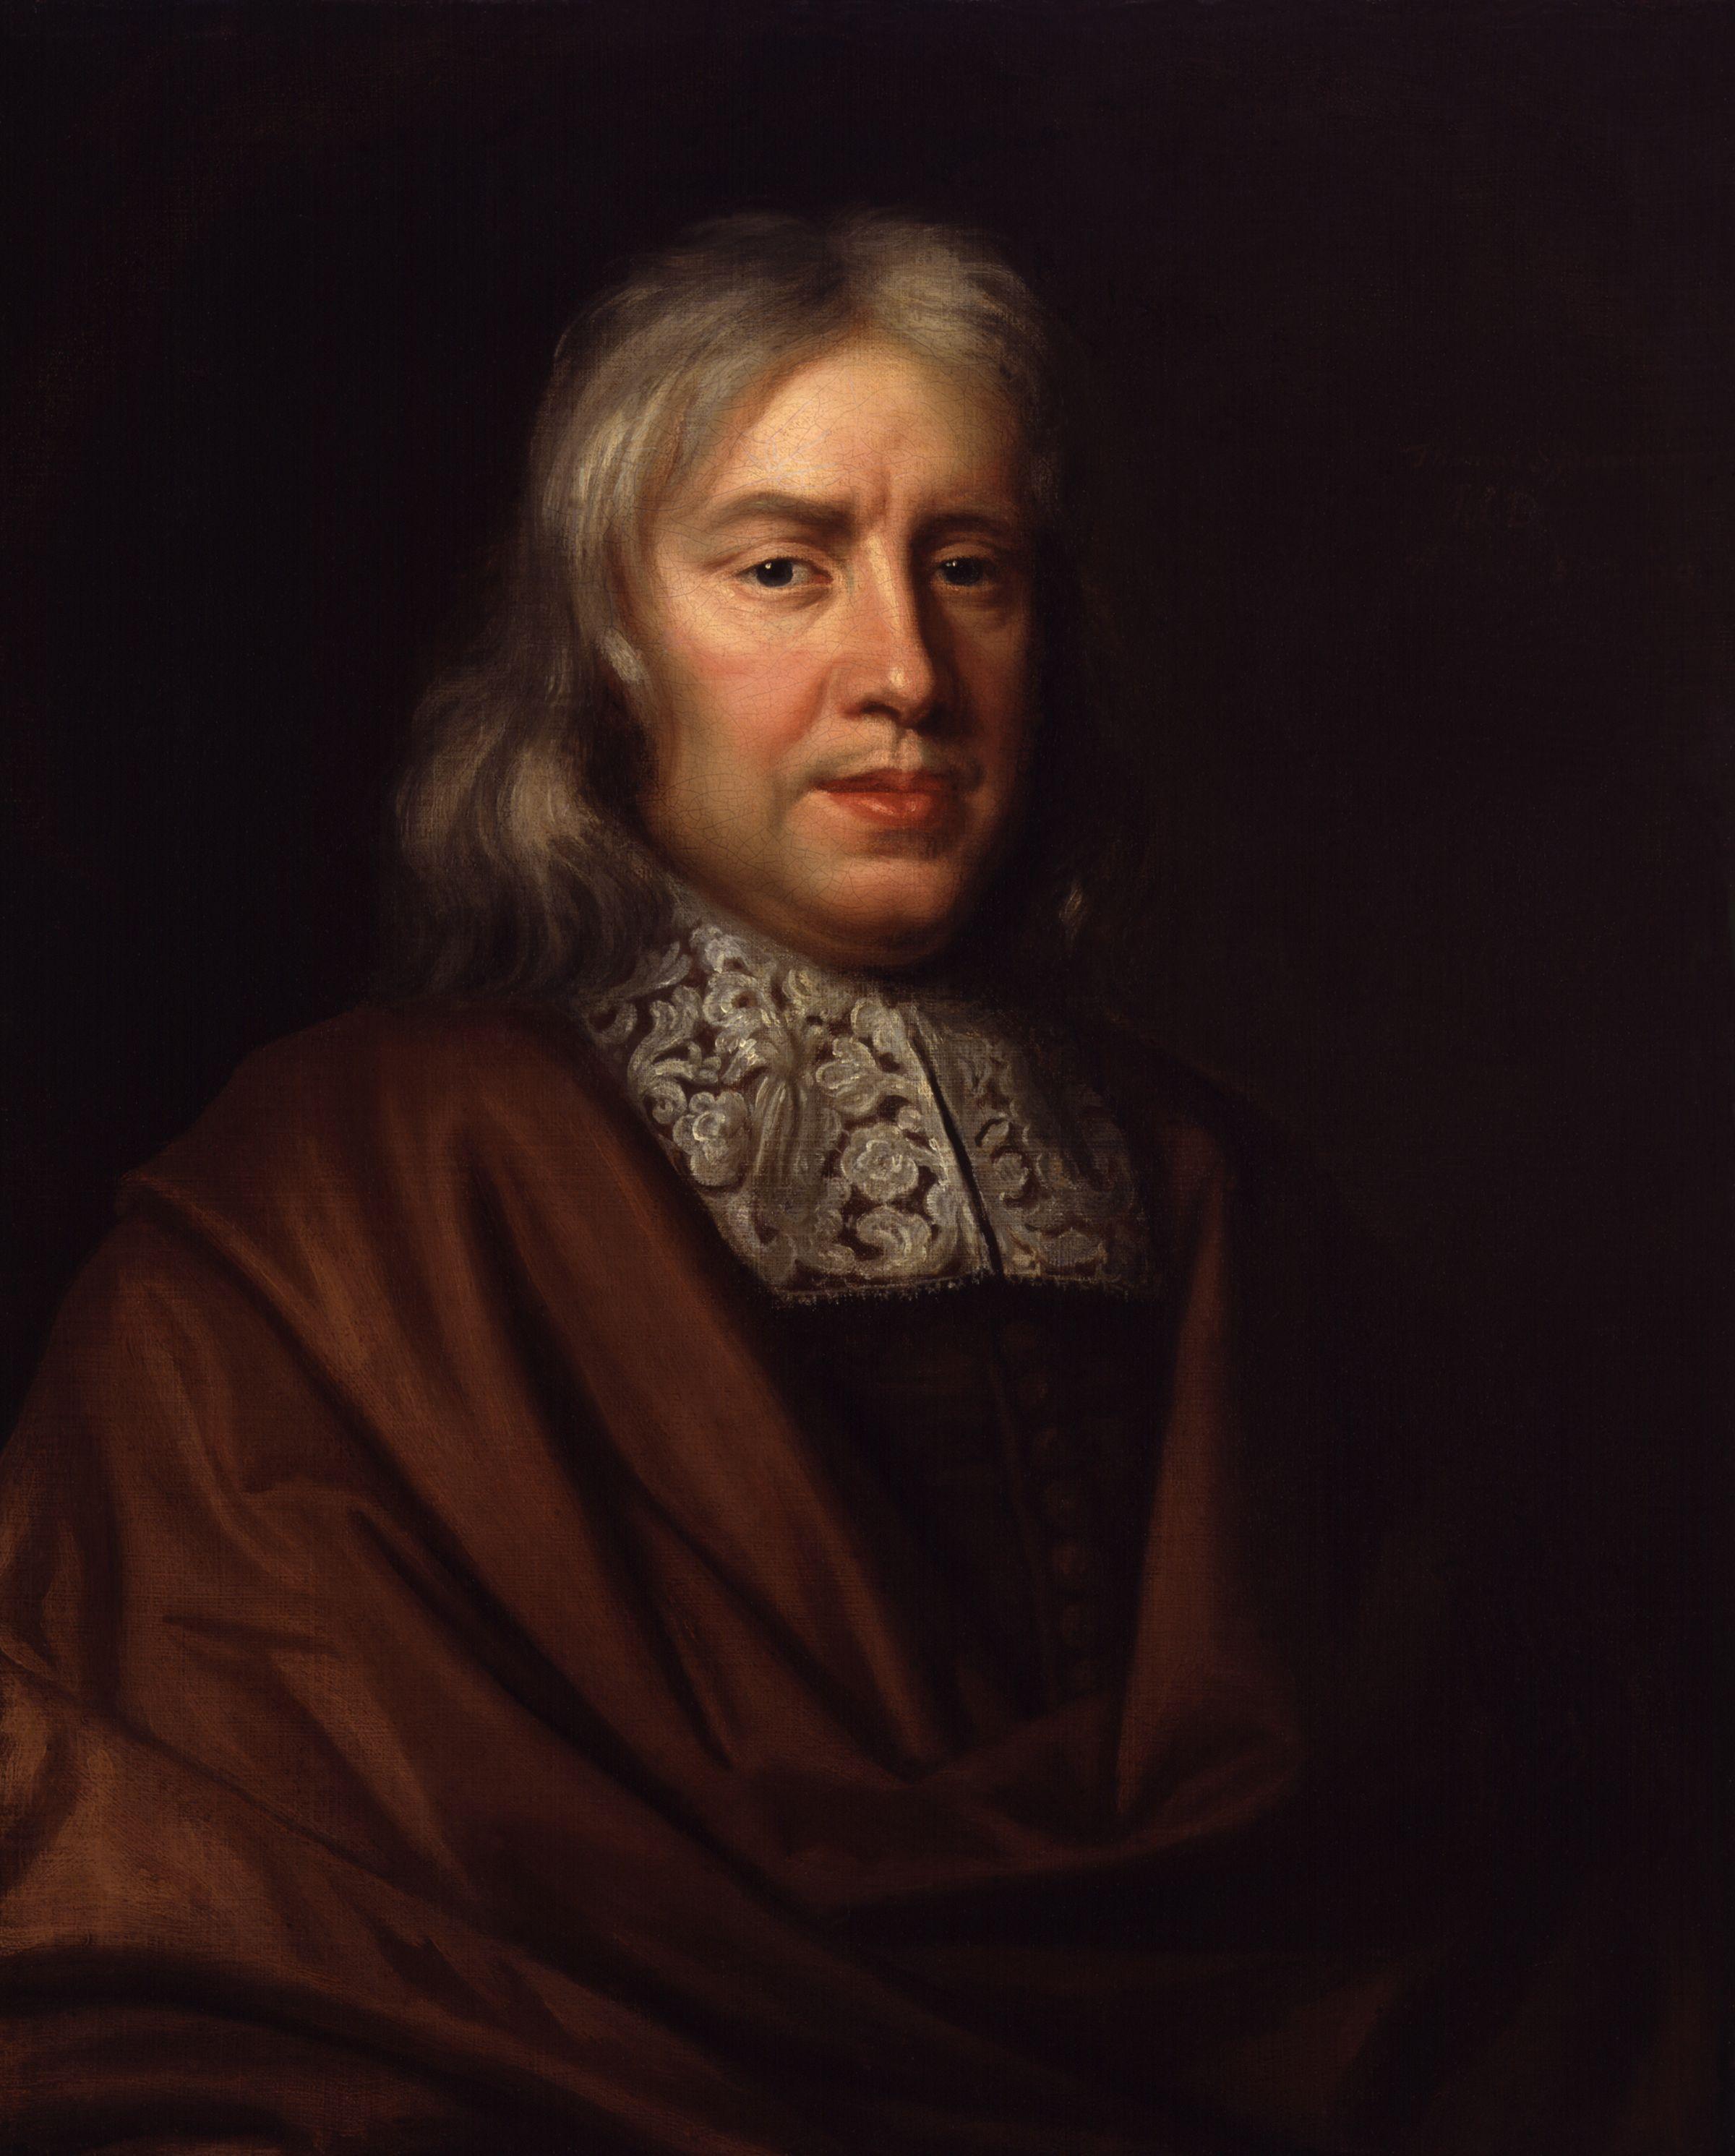 Thomas Sydenham's quote